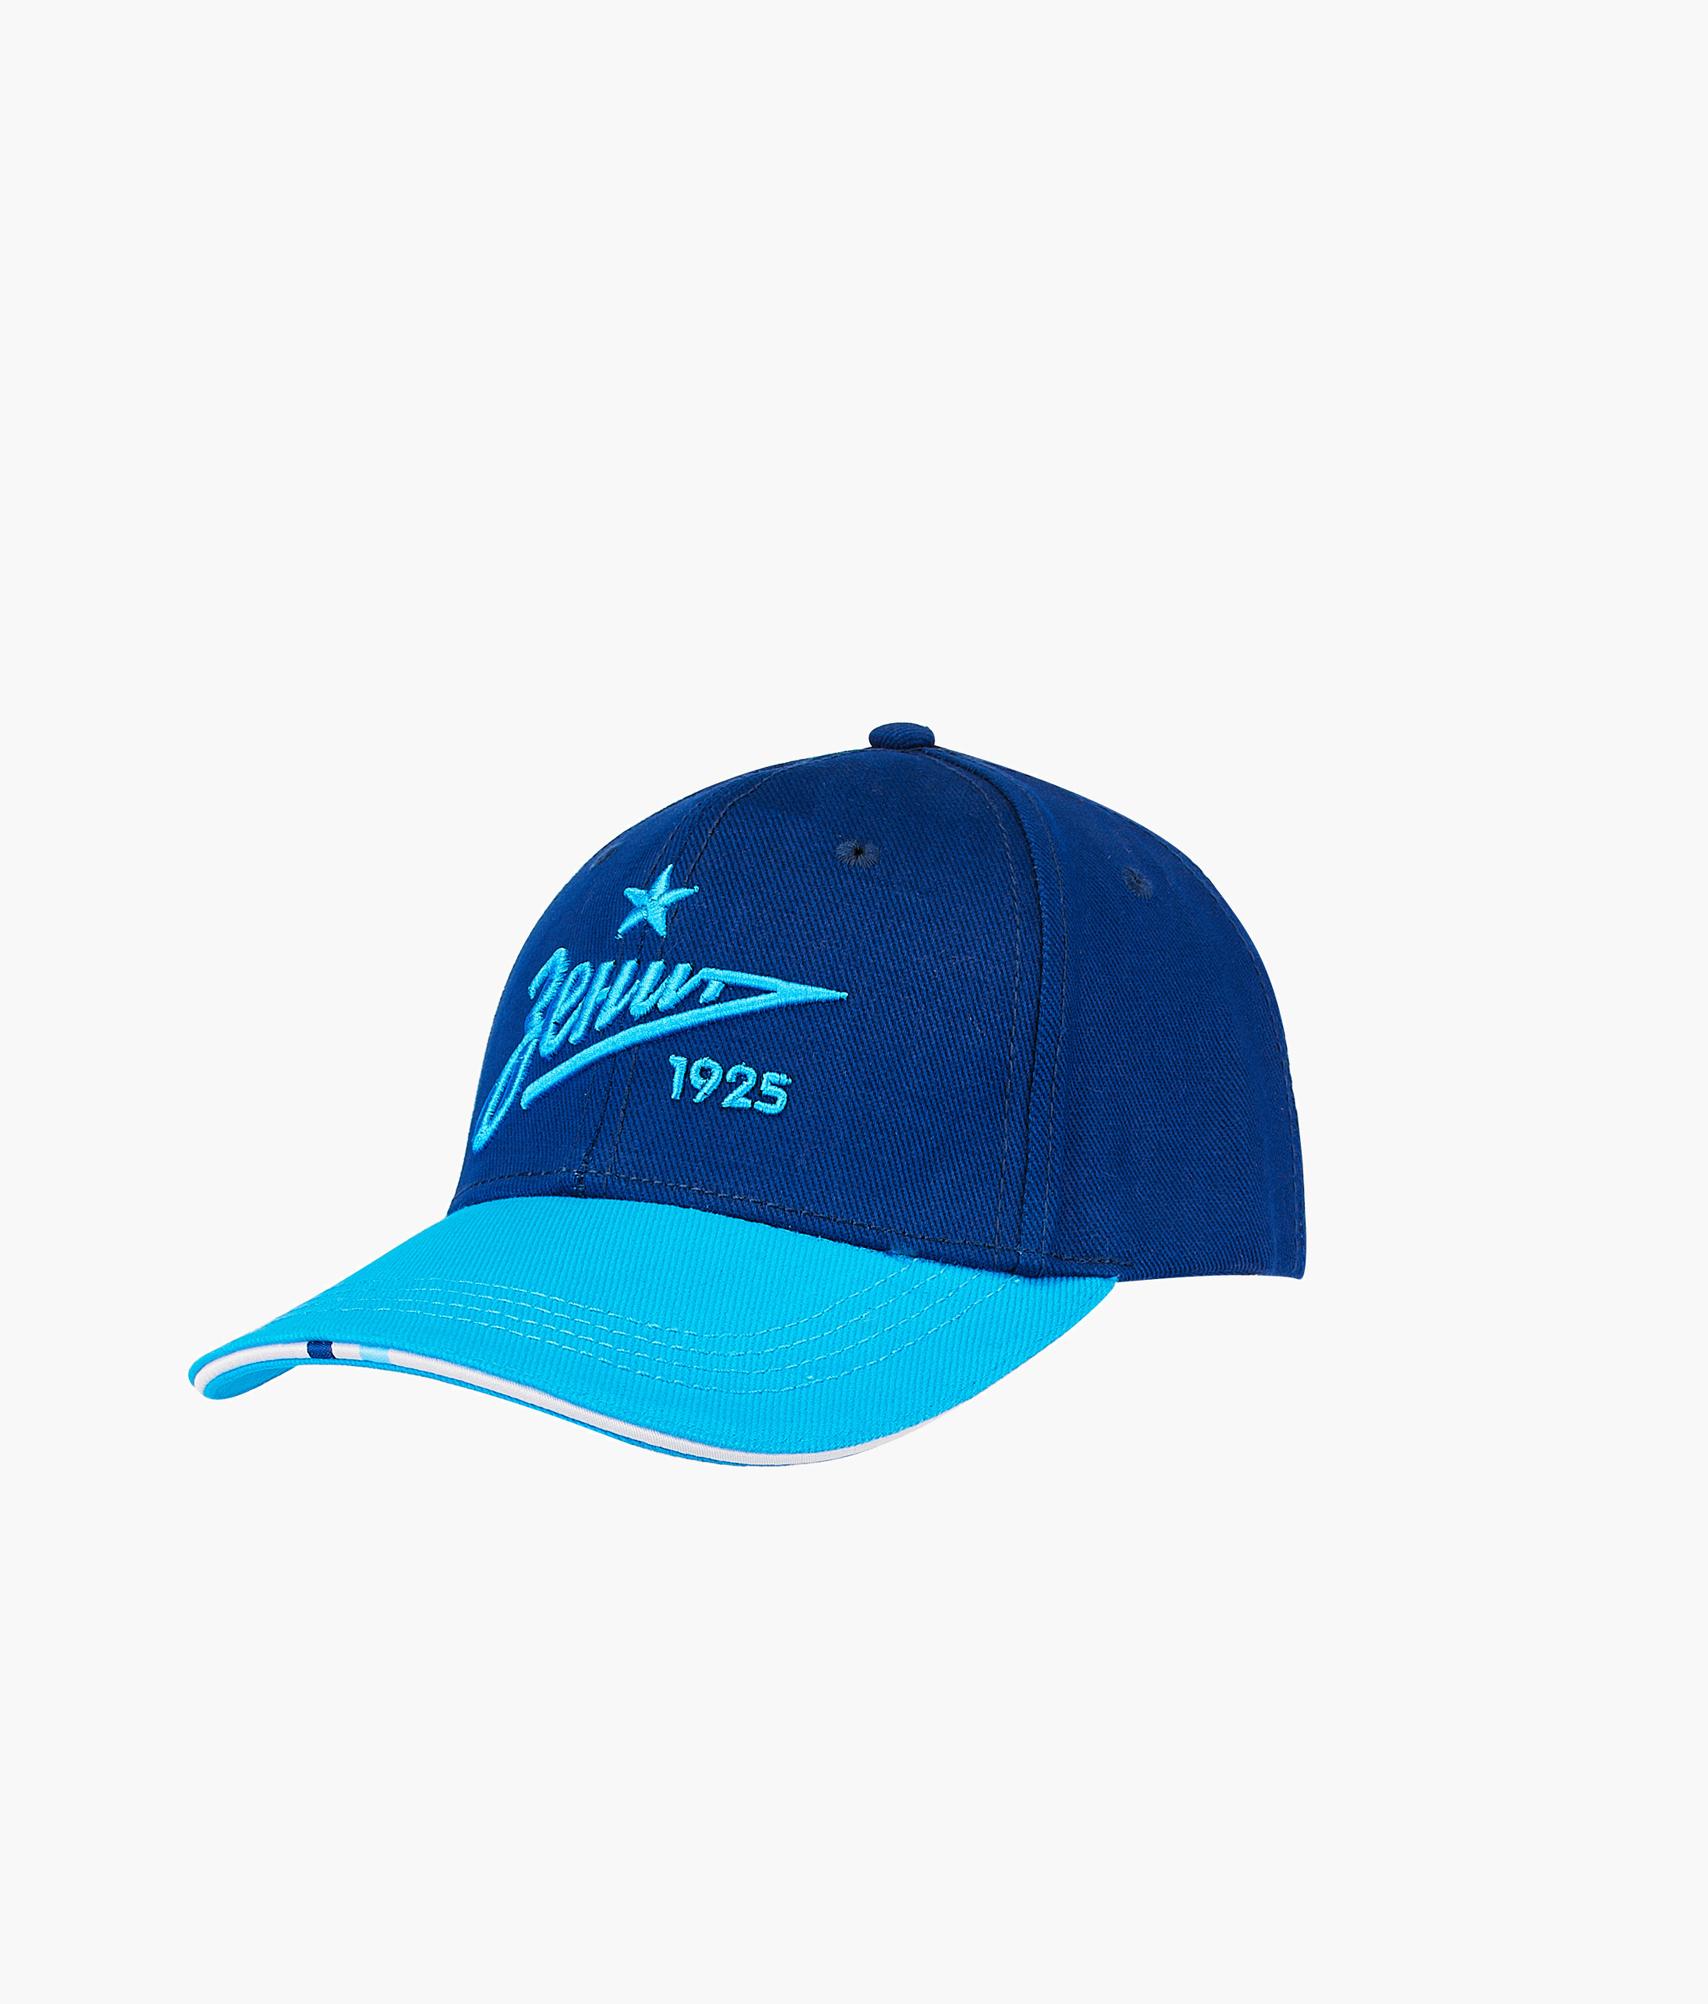 Бейсболка мужская Зенит Цвет-Синий-Лазурный бейсболка мужская quiksilver starkness цвет темно синий aqyha04308 bng0 размер универсальный